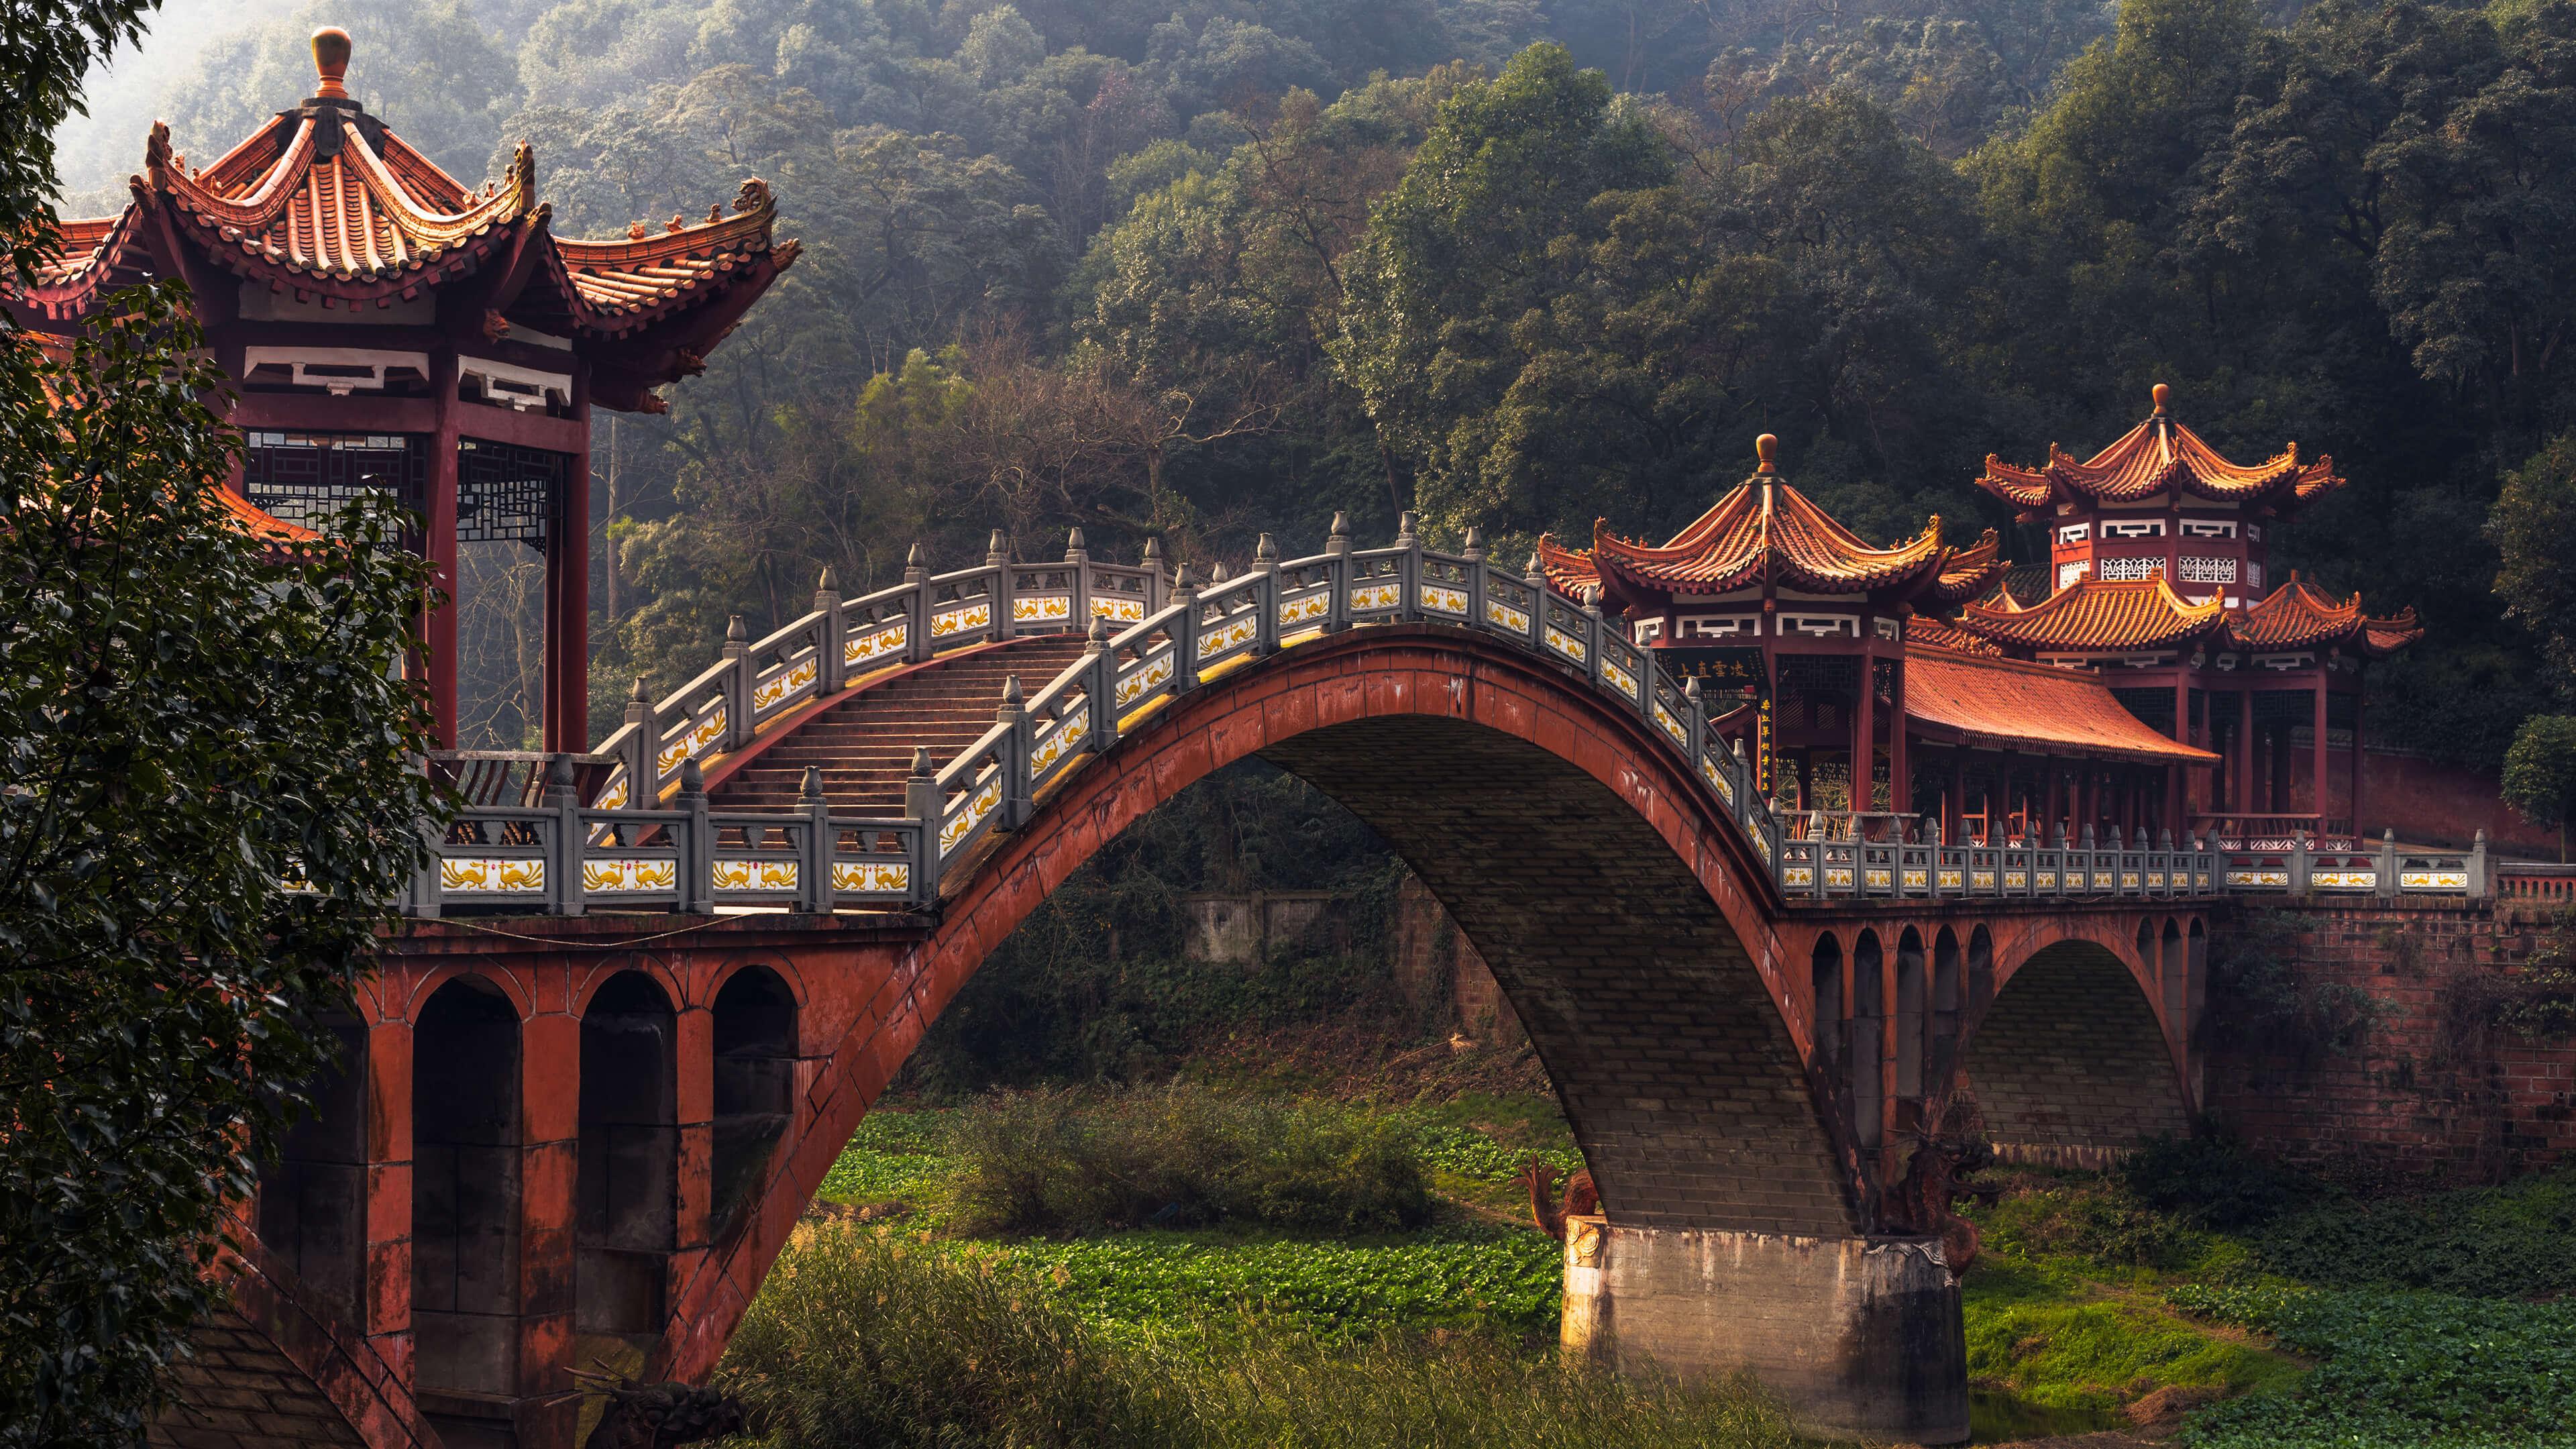 デスクトップ壁紙 中国 自然 ブリッジ 森林 木 アジアの建築 3840x2160 Abredel デスクトップ壁紙 Wallhere